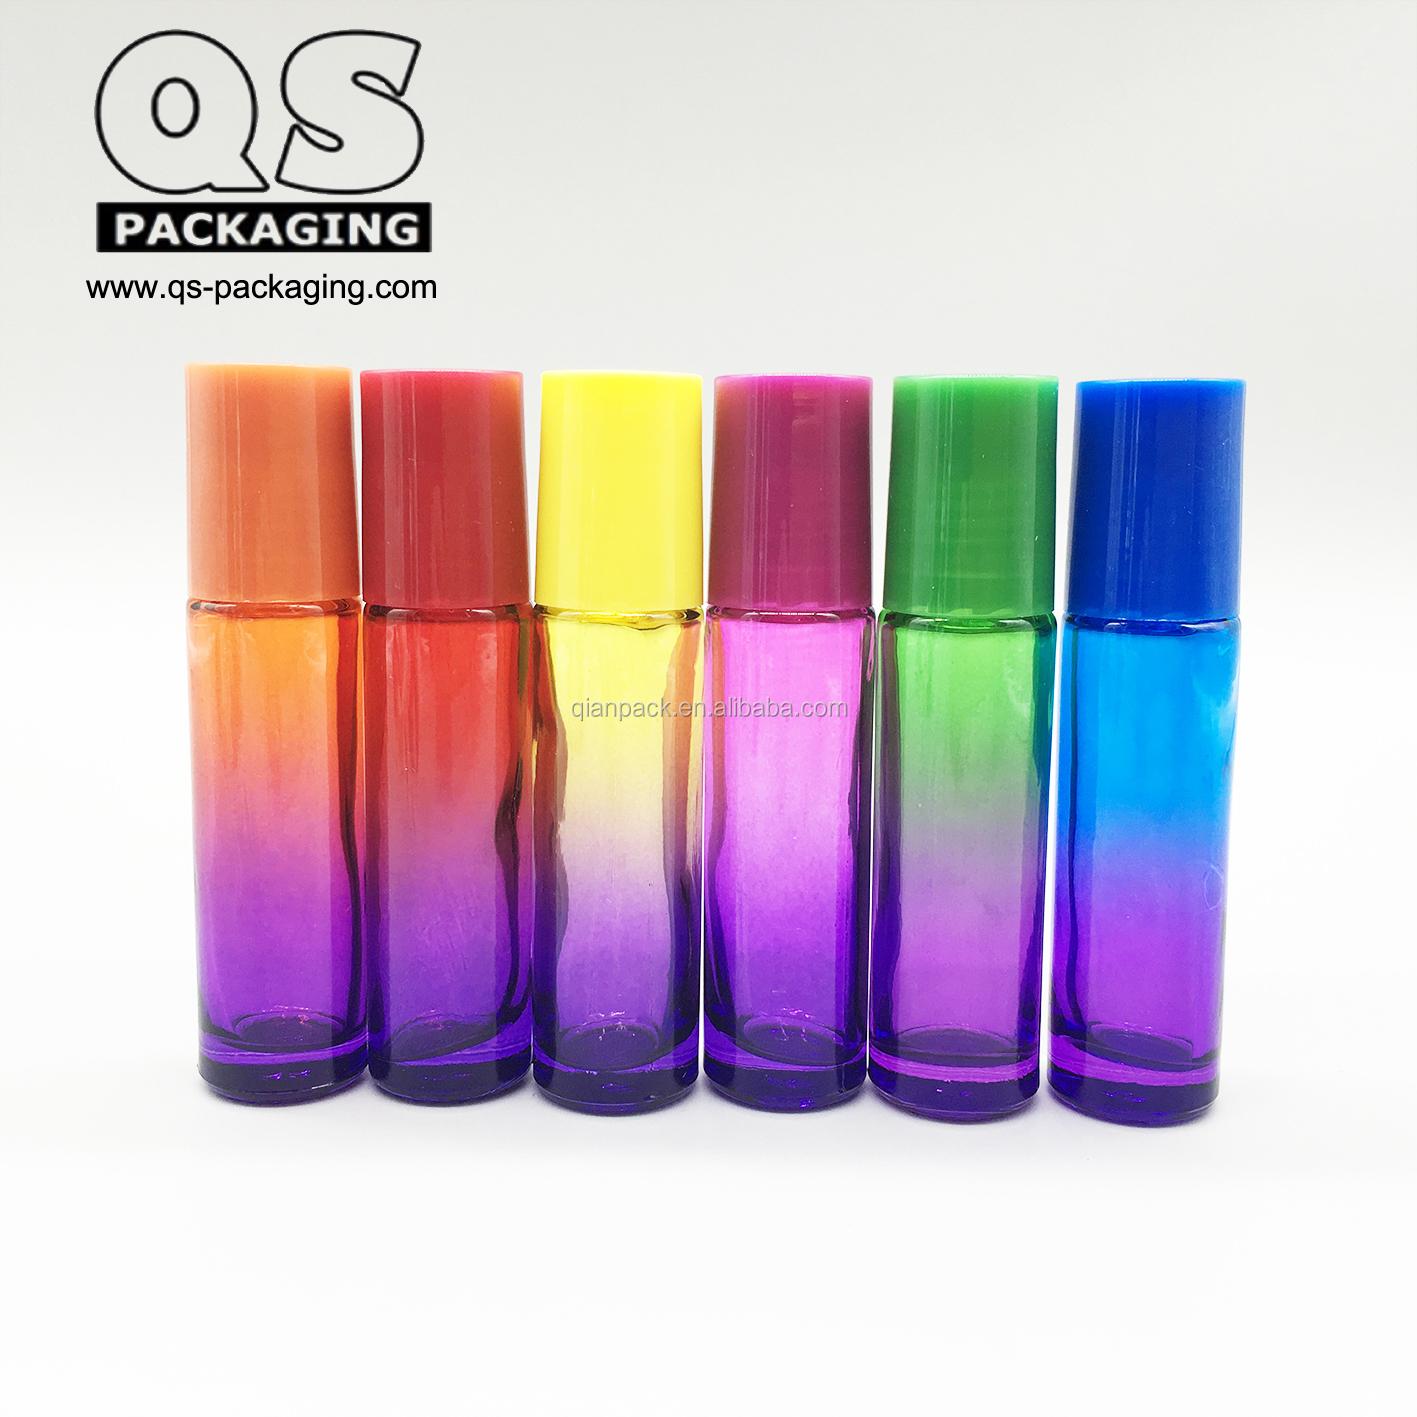 10 ml ארוך ודק ברור כיכר זכוכית מתכת רולר בקבוק עם מכסה אלומיניום